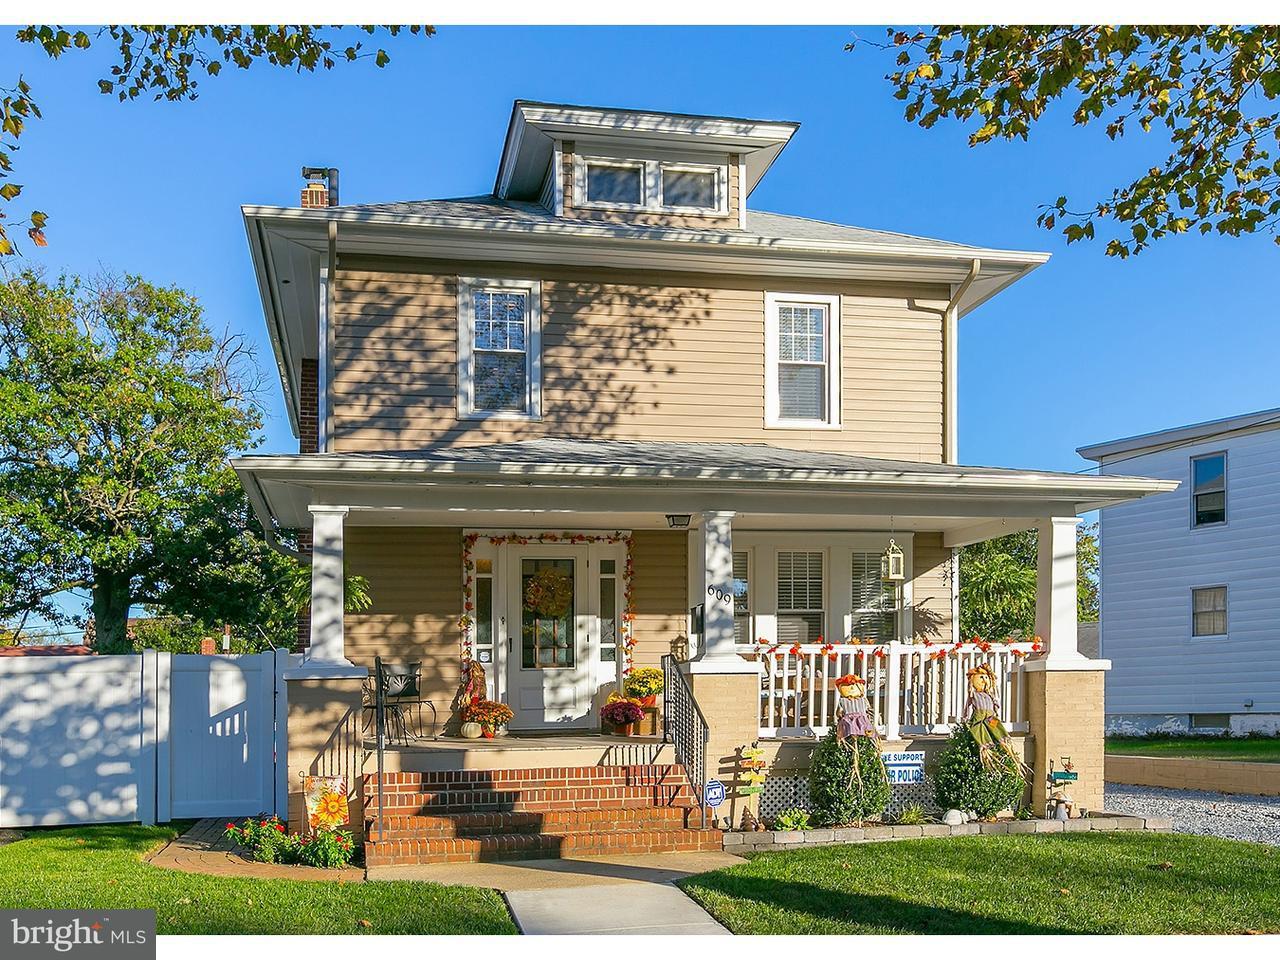 Частный односемейный дом для того Продажа на 609 NASSAU Avenue Paulsboro, Нью-Джерси 08066 Соединенные Штаты